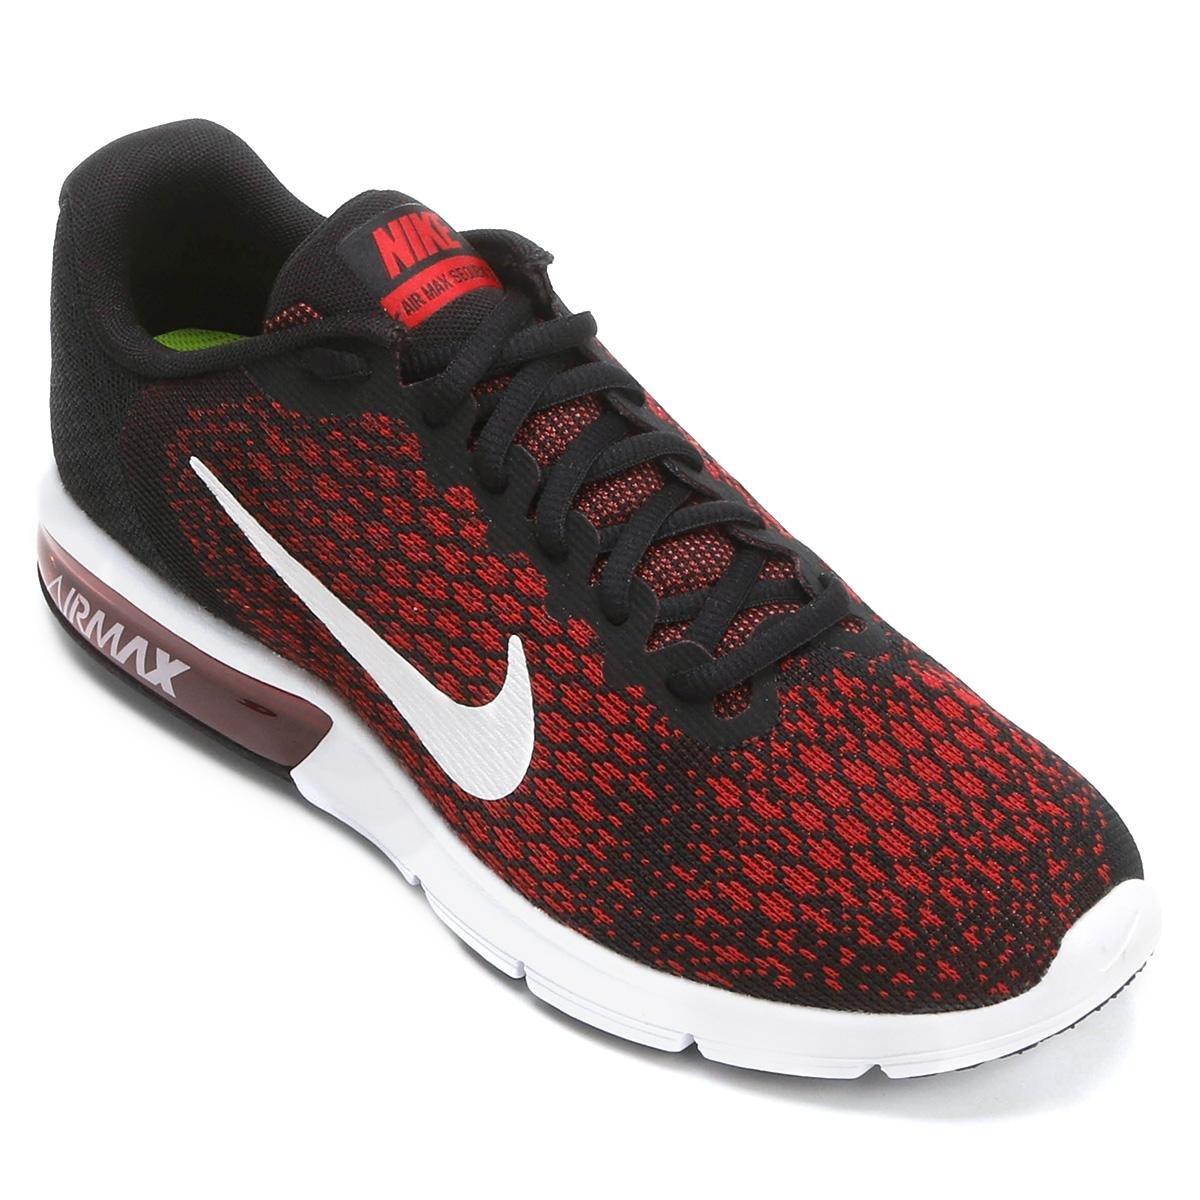 Tênis Nike Air Max Sequent 2 Masculino Preto e Vermelho